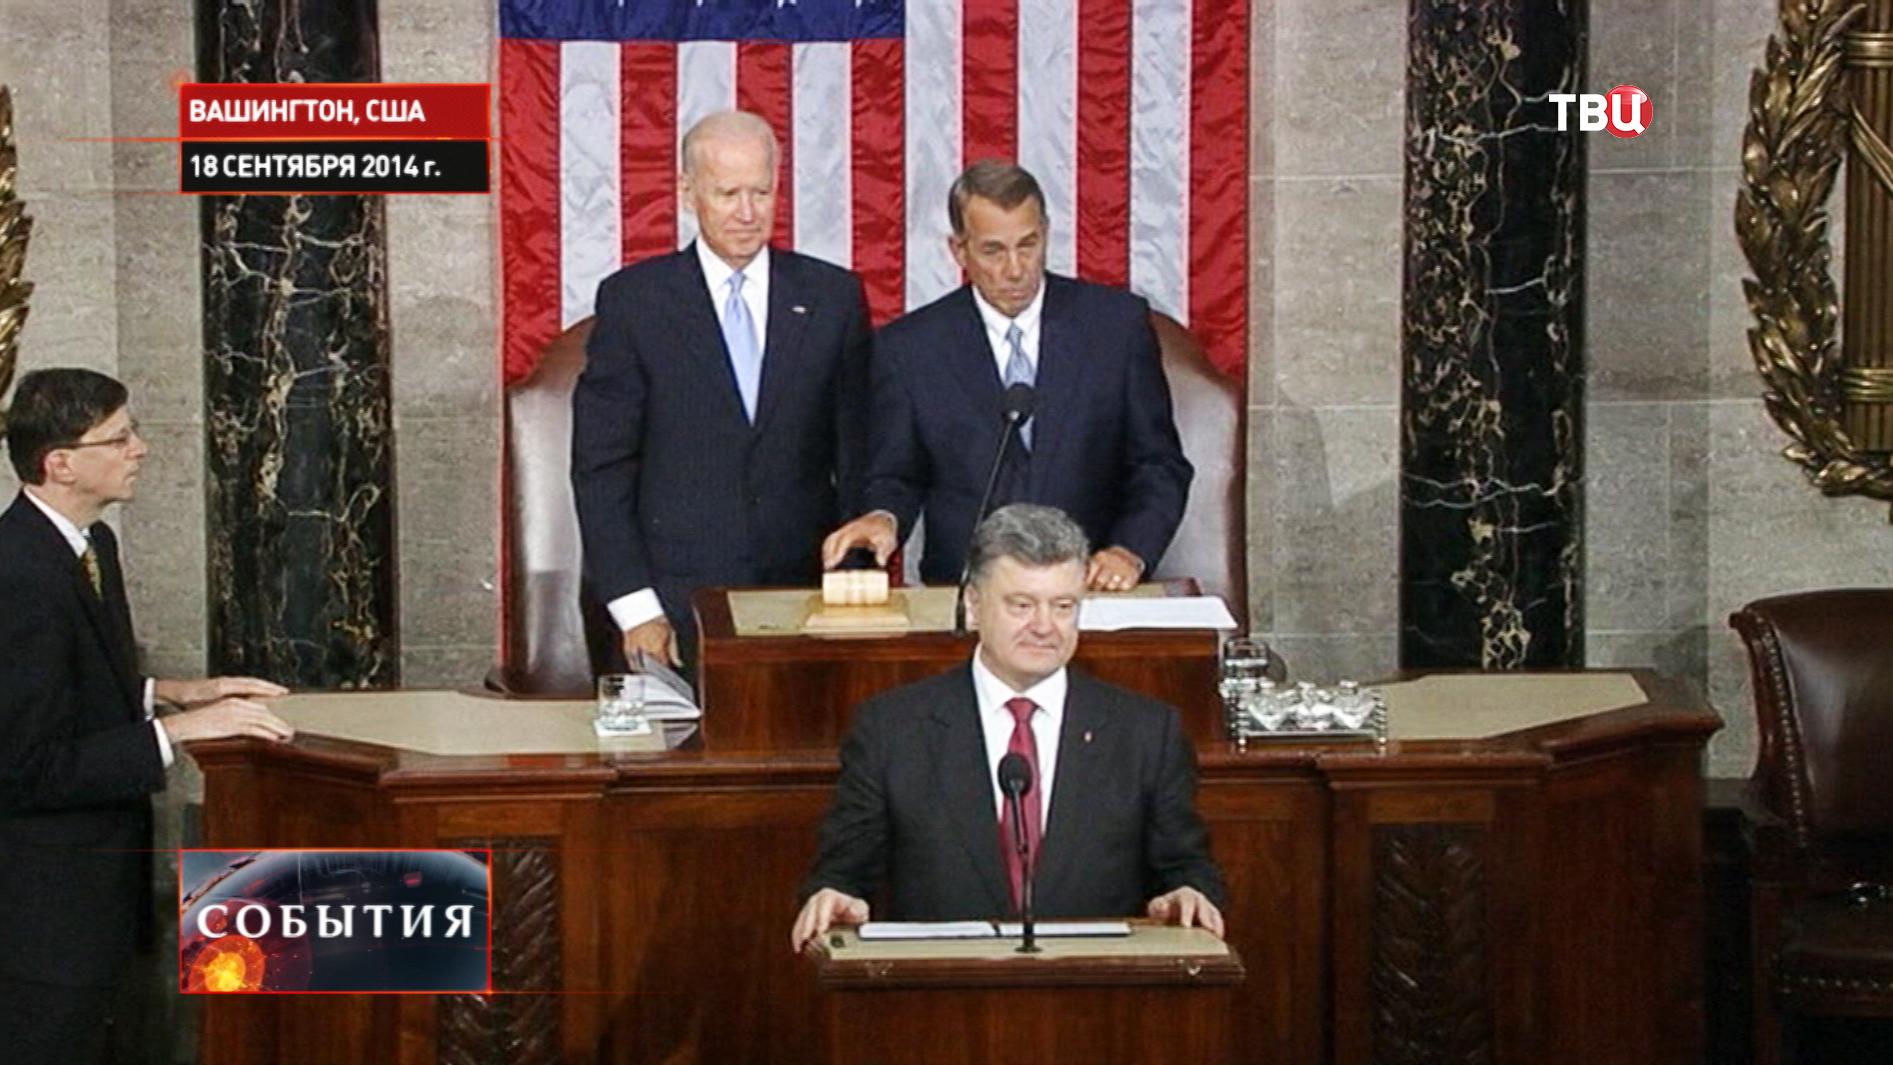 Президент Украины Петр Порошенко на заседании Конгресса США